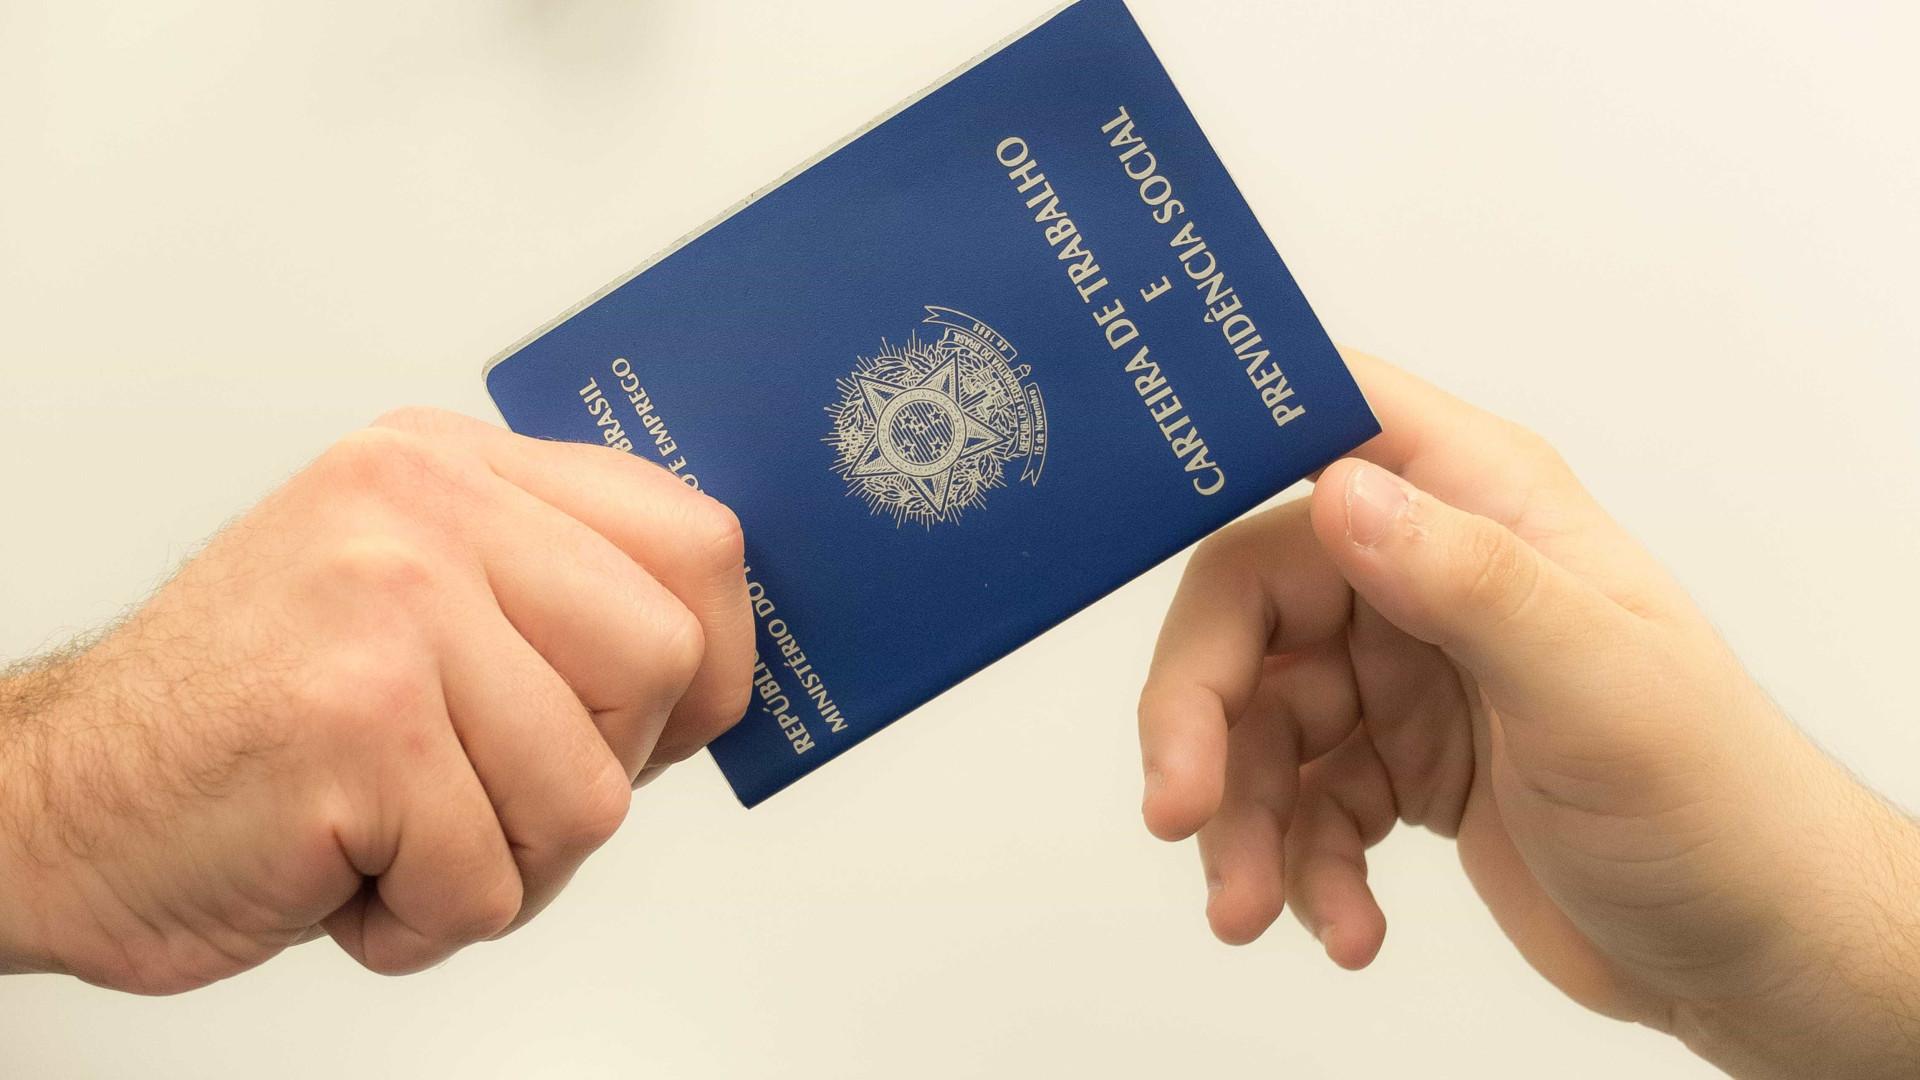 Pesquisa: sete em cada dez brasileiros apoiam reforma da Previdência